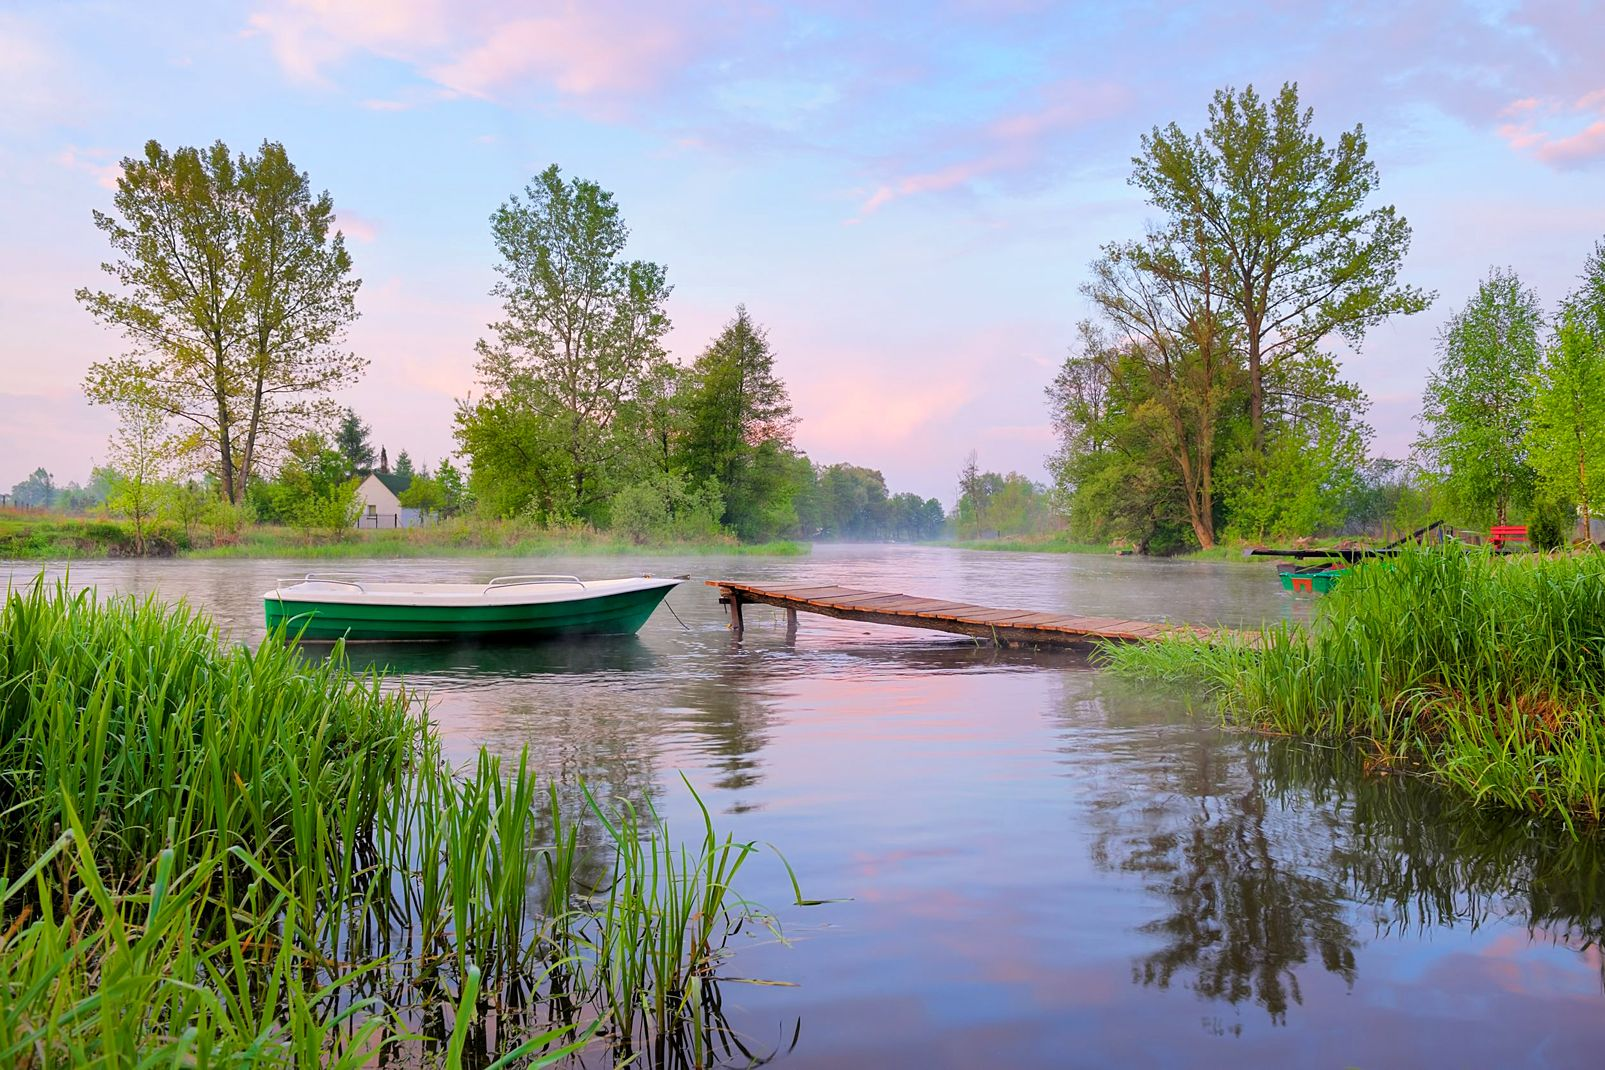 Pologne, Paysage rural sur la rivière Narew